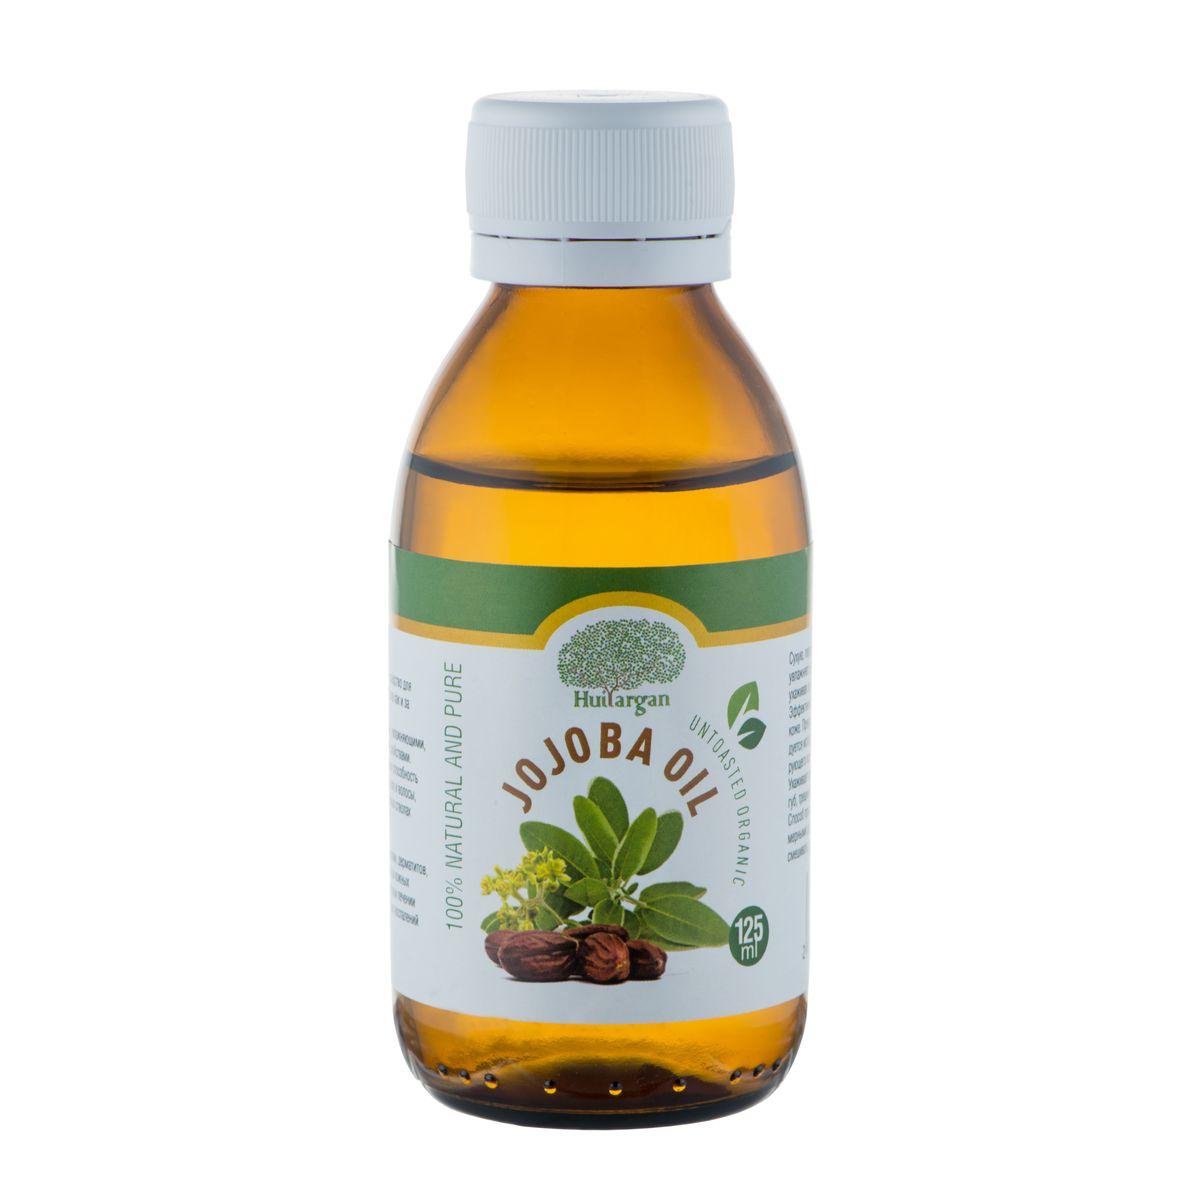 Huilargan Масло жожоба, 100% органическое, 125 мл2000000009025Масло жожоба (Jojoba oil) – 'то идеальное средство для ежедневного ухода за кожей всех типов, также как и за волосами любой структуры и типов. Оно обладает высокими регенерирующими, увлажняющими, противовоспалительными и смягчающими свойствами. Богато витамином Е. Отличная проникающая способность масла обеспечивает полное всасывание в кожу и волосы, поэтому оно не оставляет на лице и волосяных стволах жирного блеска. Масло жожоба применяется при лечении экзем, дерматитов, нейродермитов, псориаза и других серьезных кожных проблемах – в лечебных мазях. В комплексном лечении акне, фурункулов, угревой сыпи и различных воспалений и высыпаний на коже. Сухую, пересушенную, шелушащуюся и воспаленную кожу оно увлажняет и питает, проникая в глубокие слои кожи, идеально ухаживая за кожными структурами лица, шеи, груди и декольте. Эффективно разглаживает морщины при дряблой, стареющей коже. Прекрасное средство после бритья, поэтому его рекомендуется использовать как смягчающее...